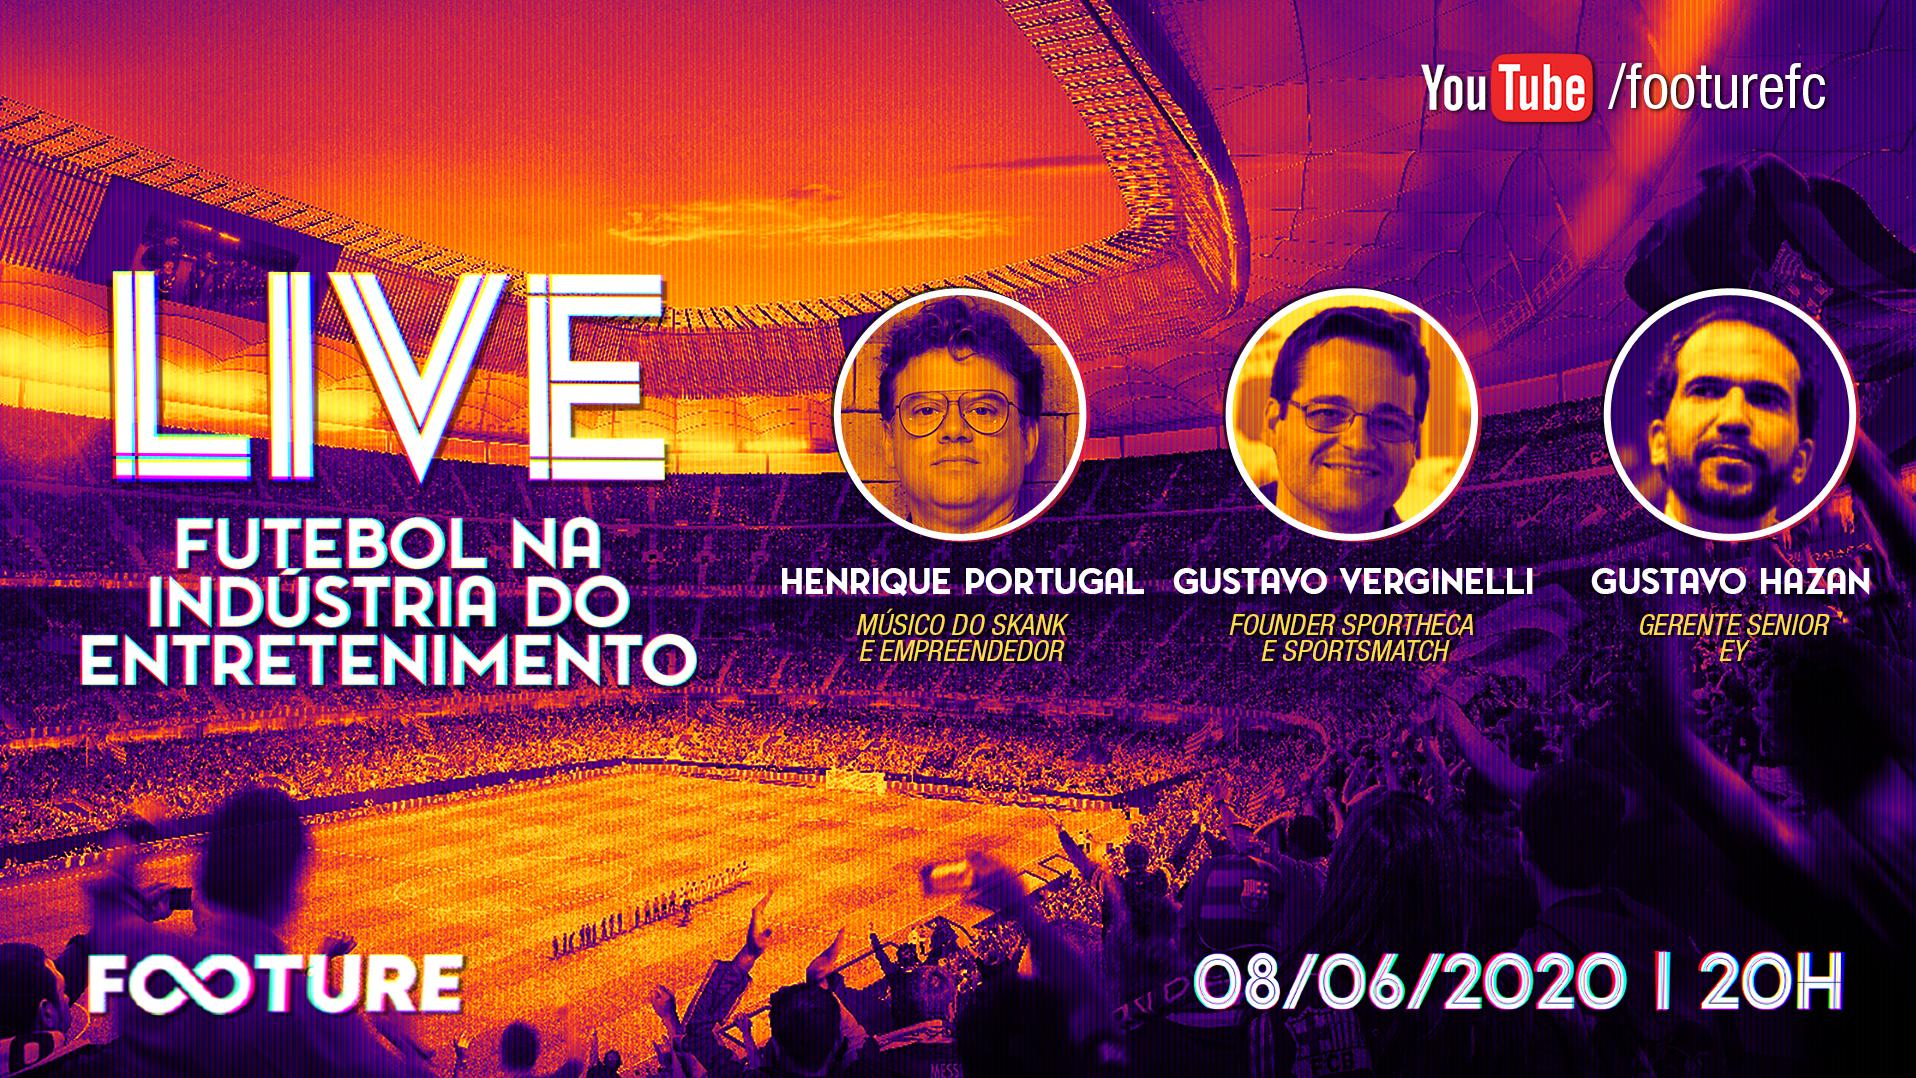 Live Futeboleira #100 | O futebol na indústria do entretenimento